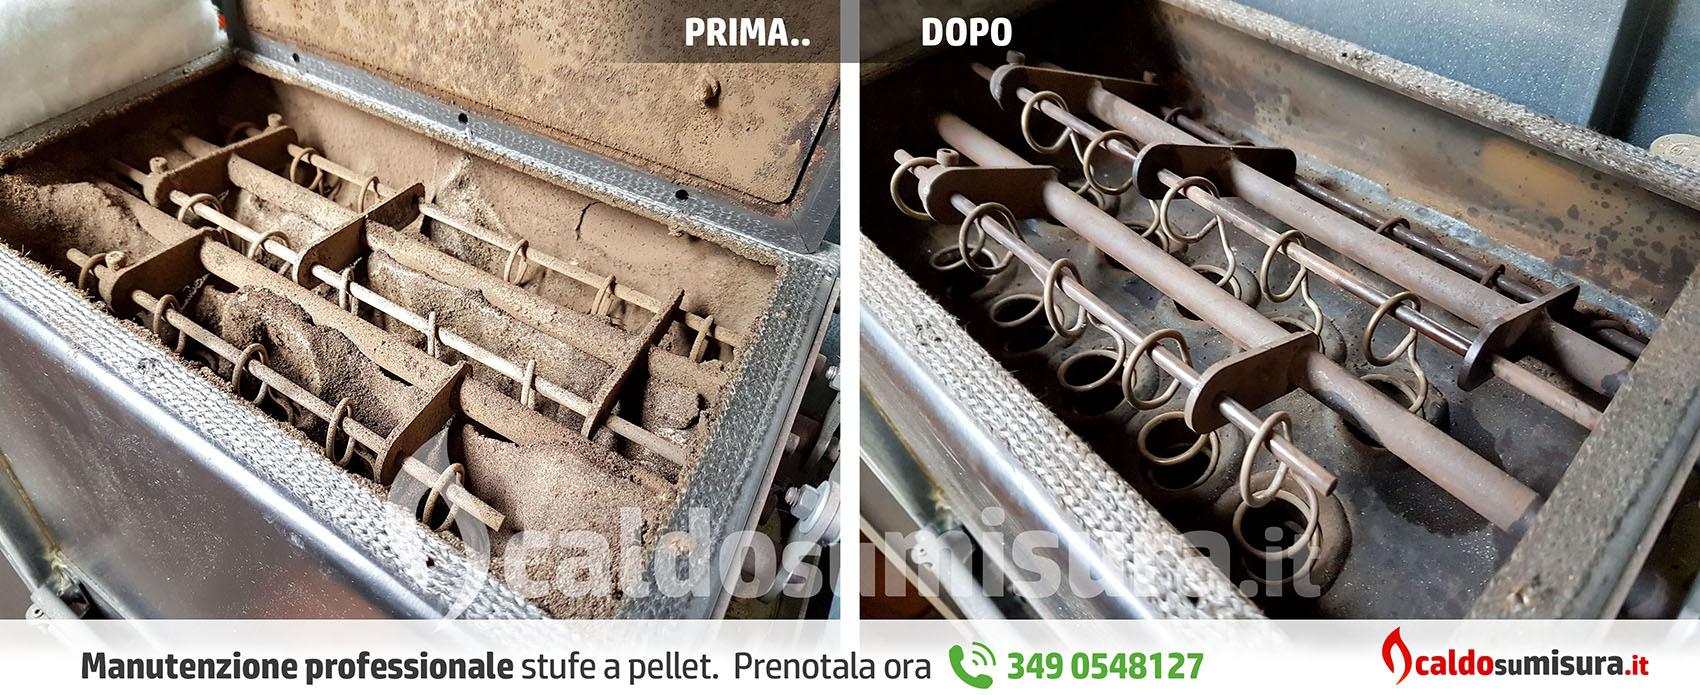 manutenzione stufa a pellet - prima e dopo